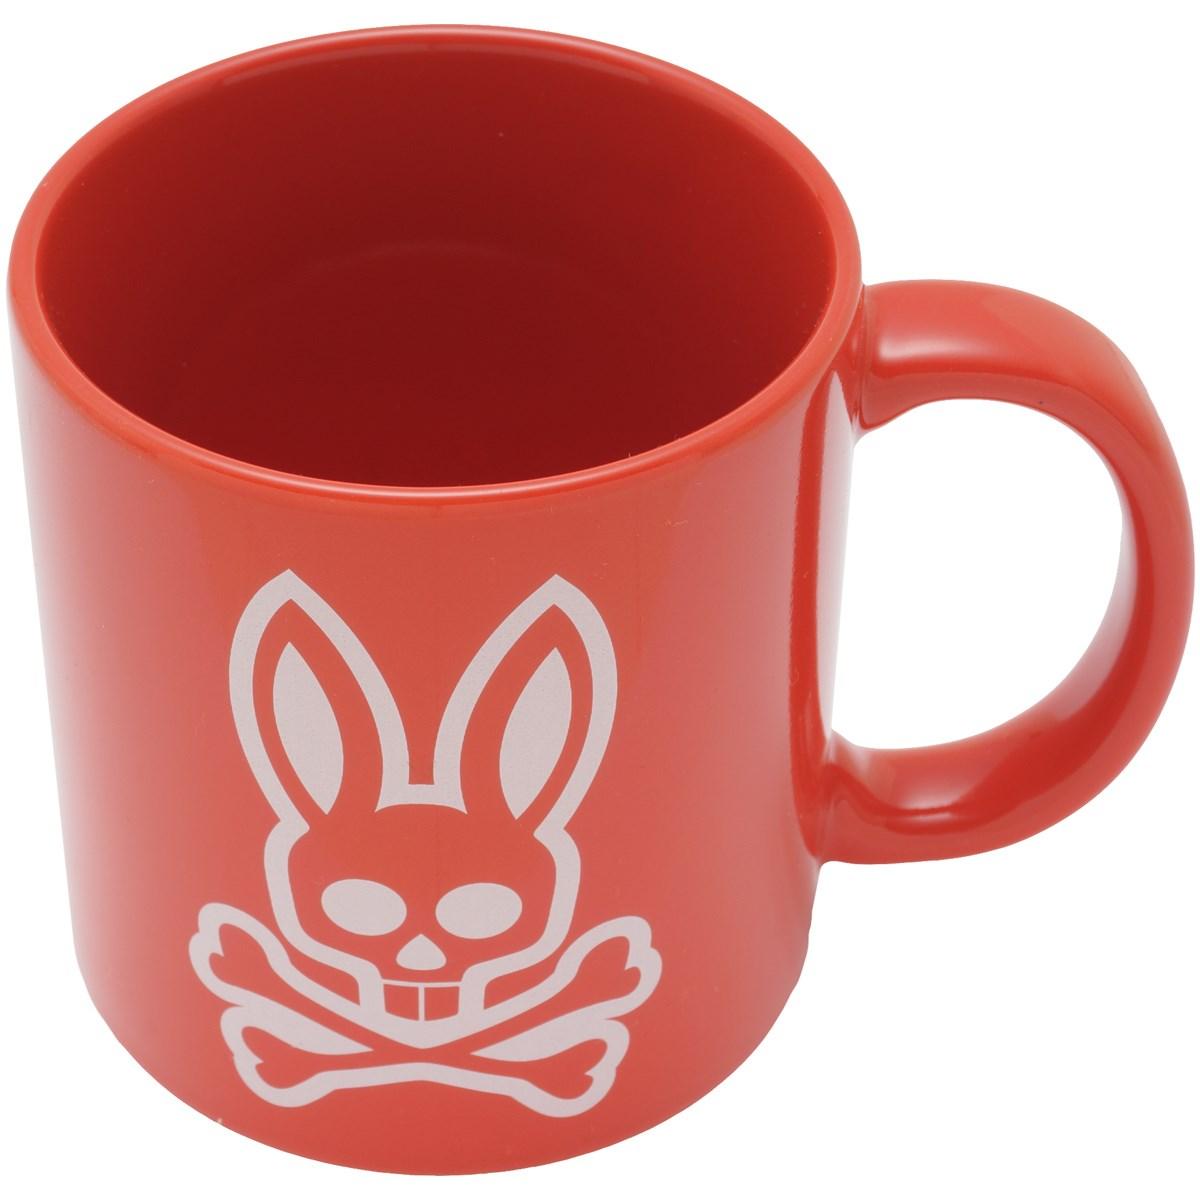 サイコバニー マグカップ